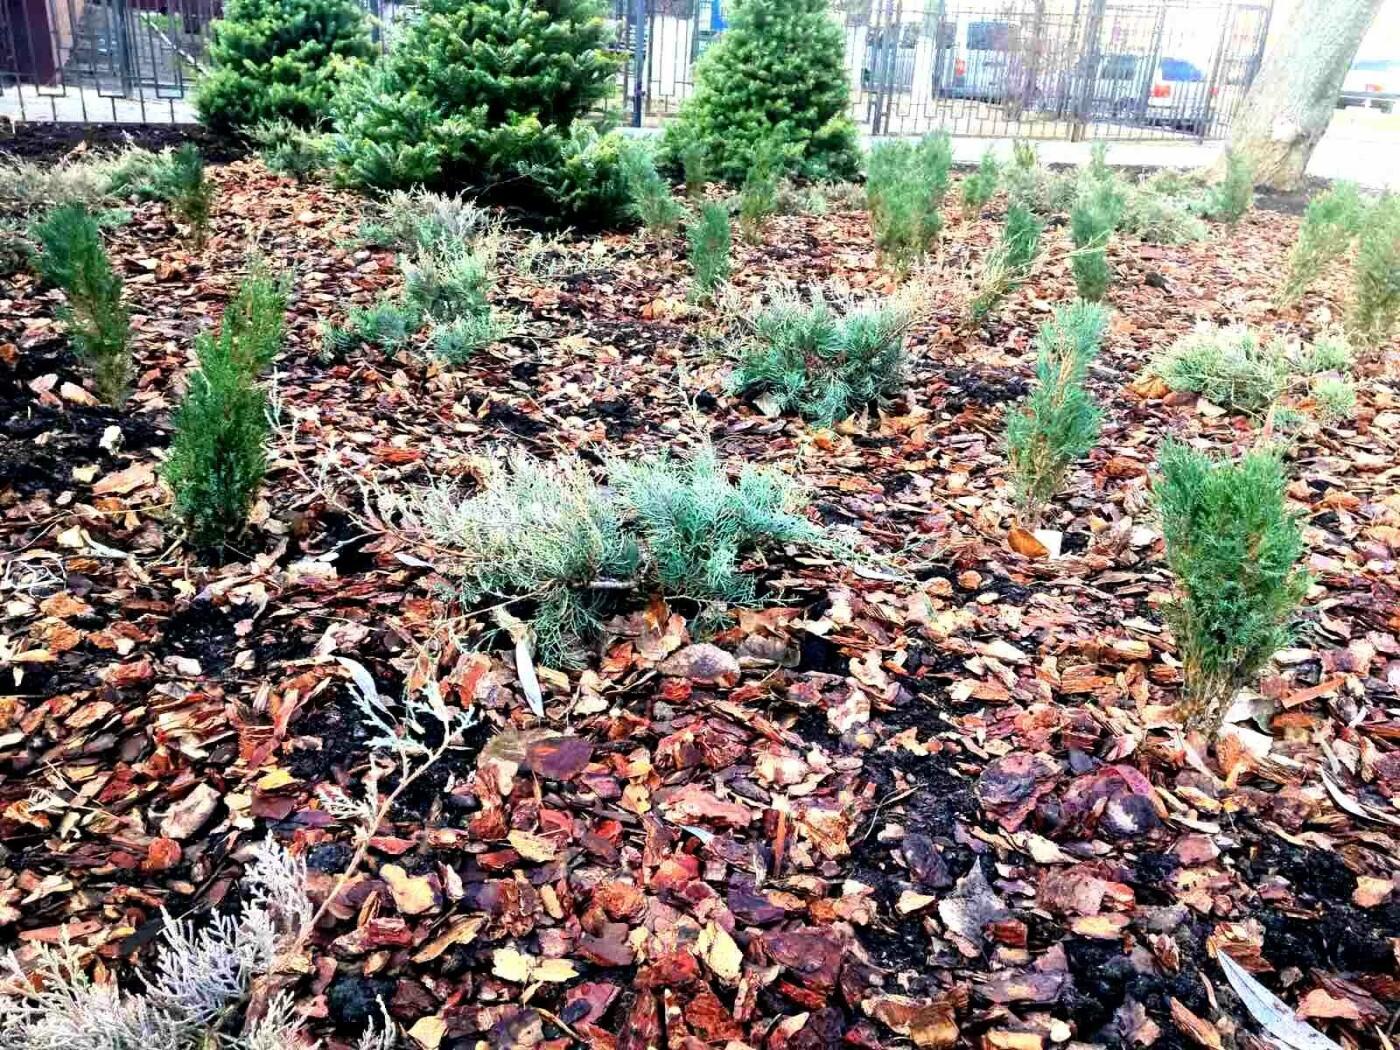 Детская площадка, растения, лавки: как выглядит обновленный сквер на Соломенке, - ФОТО, фото-2